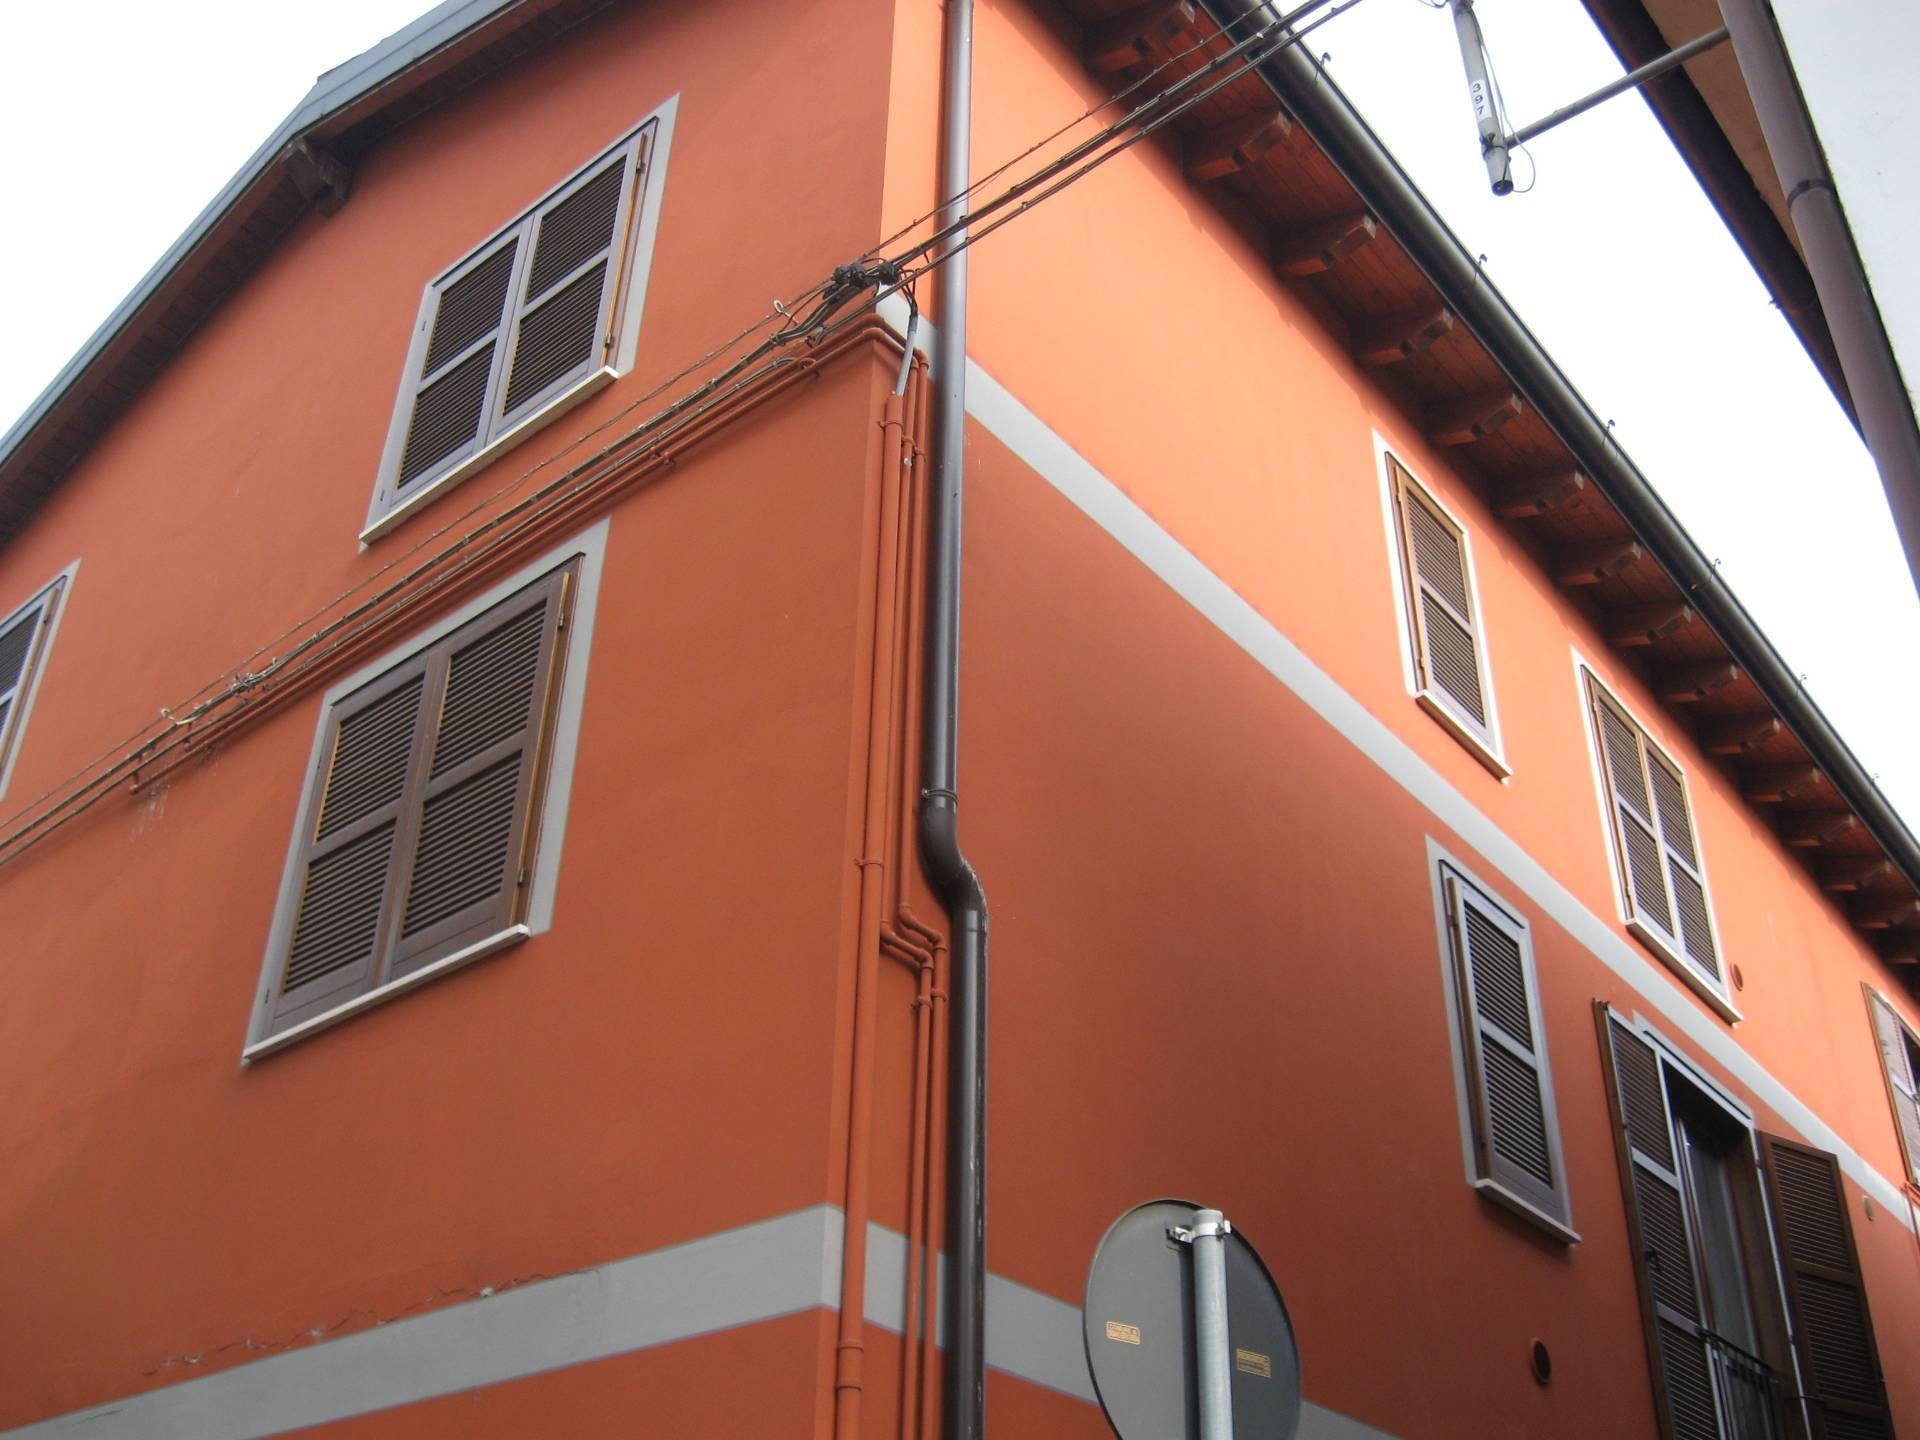 Appartamento in vendita a Misano di Gera d'Adda, 2 locali, prezzo € 55.000 | CambioCasa.it